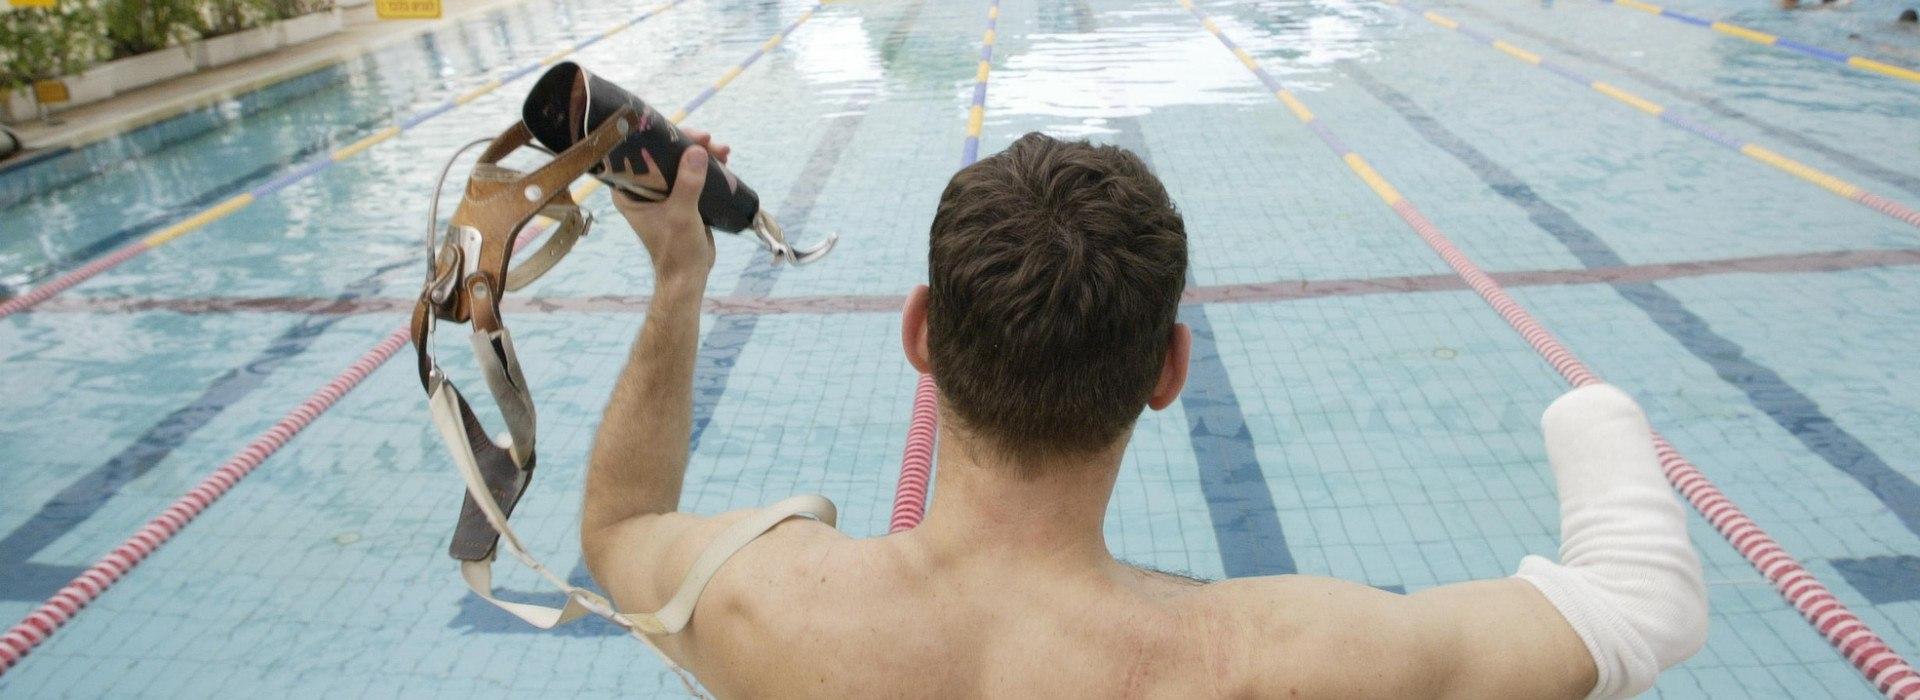 slider-swim